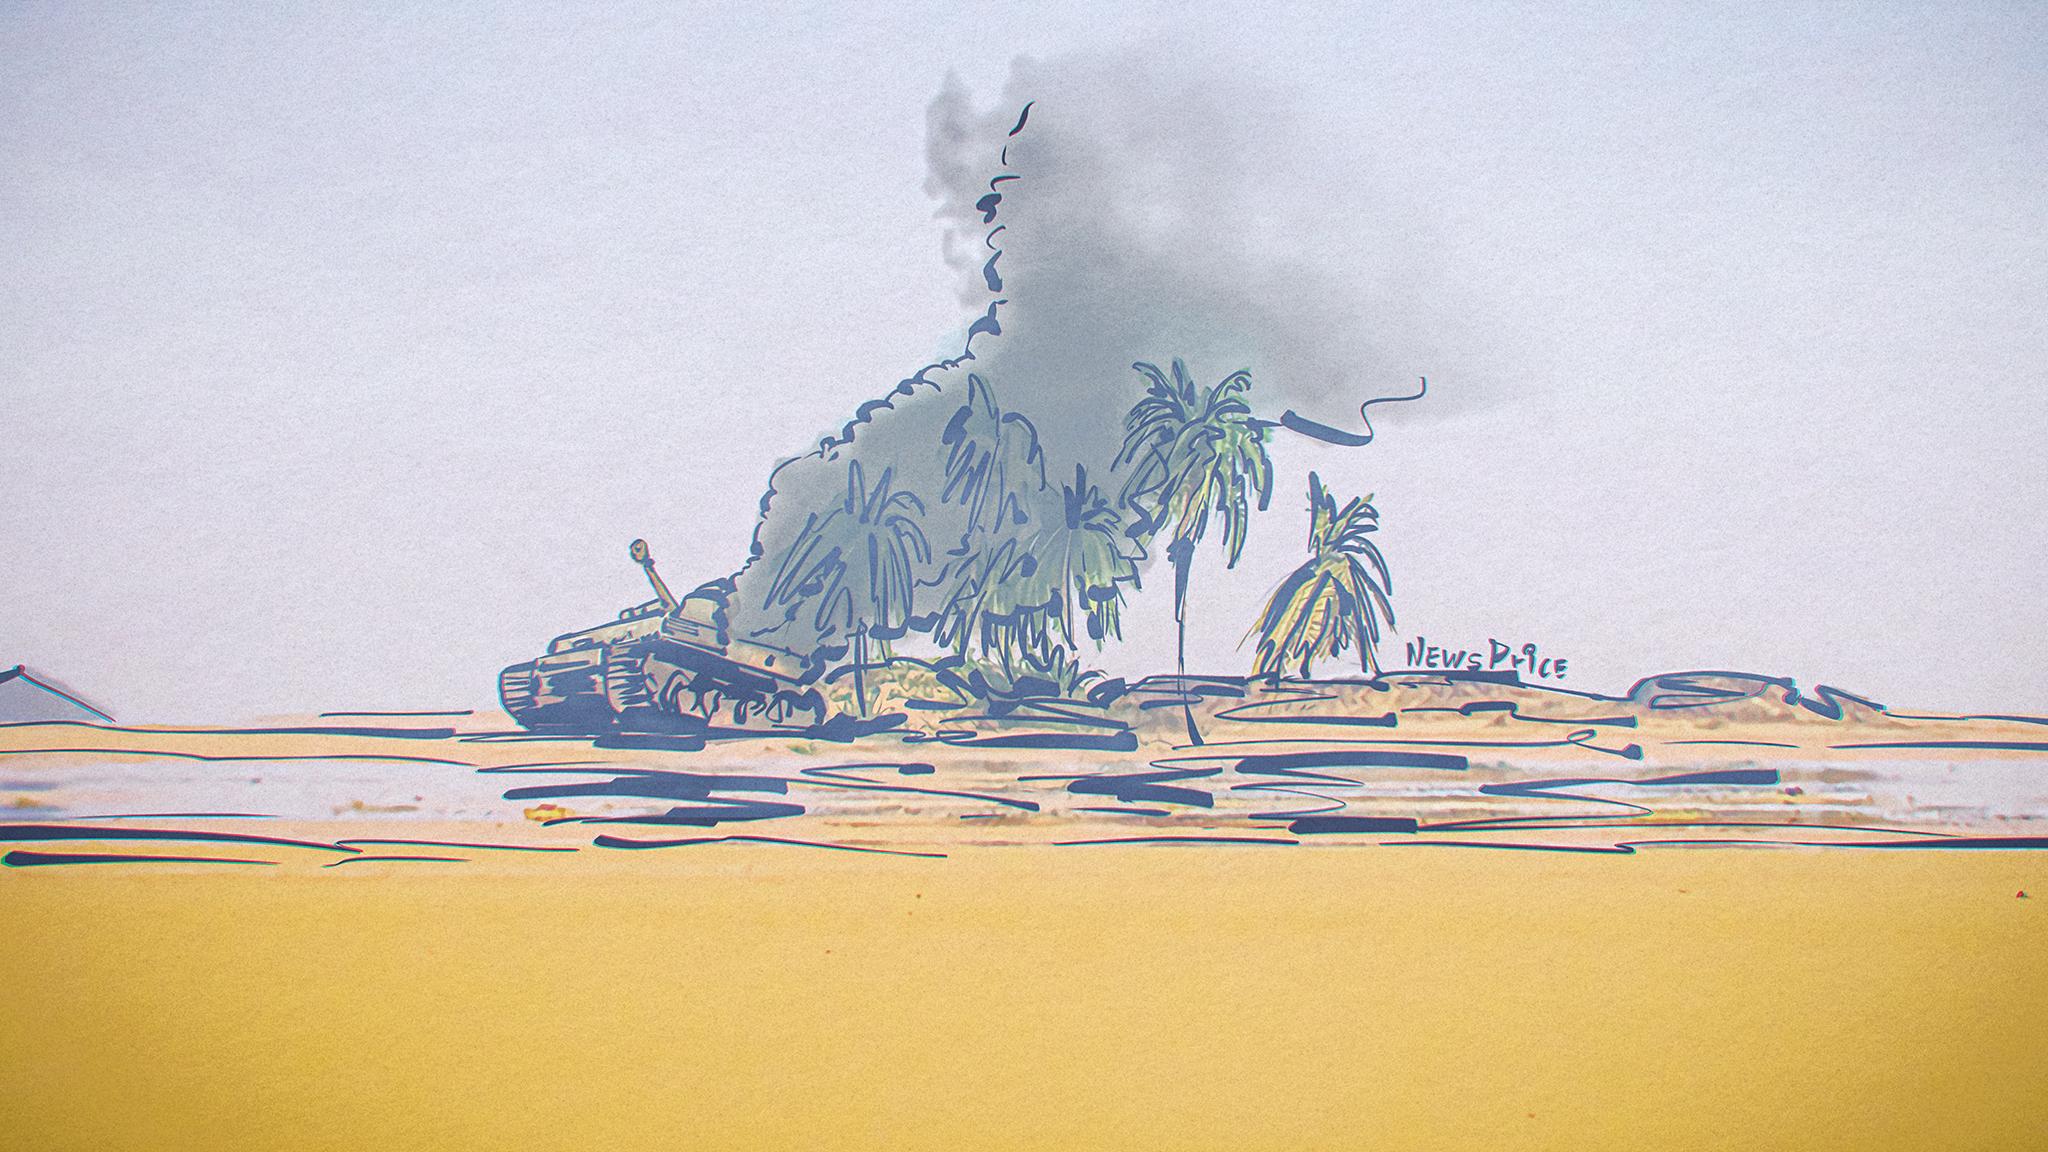 «Старое противостояние»: чем конфликт в Западной Сахаре может грозить всей Европе?